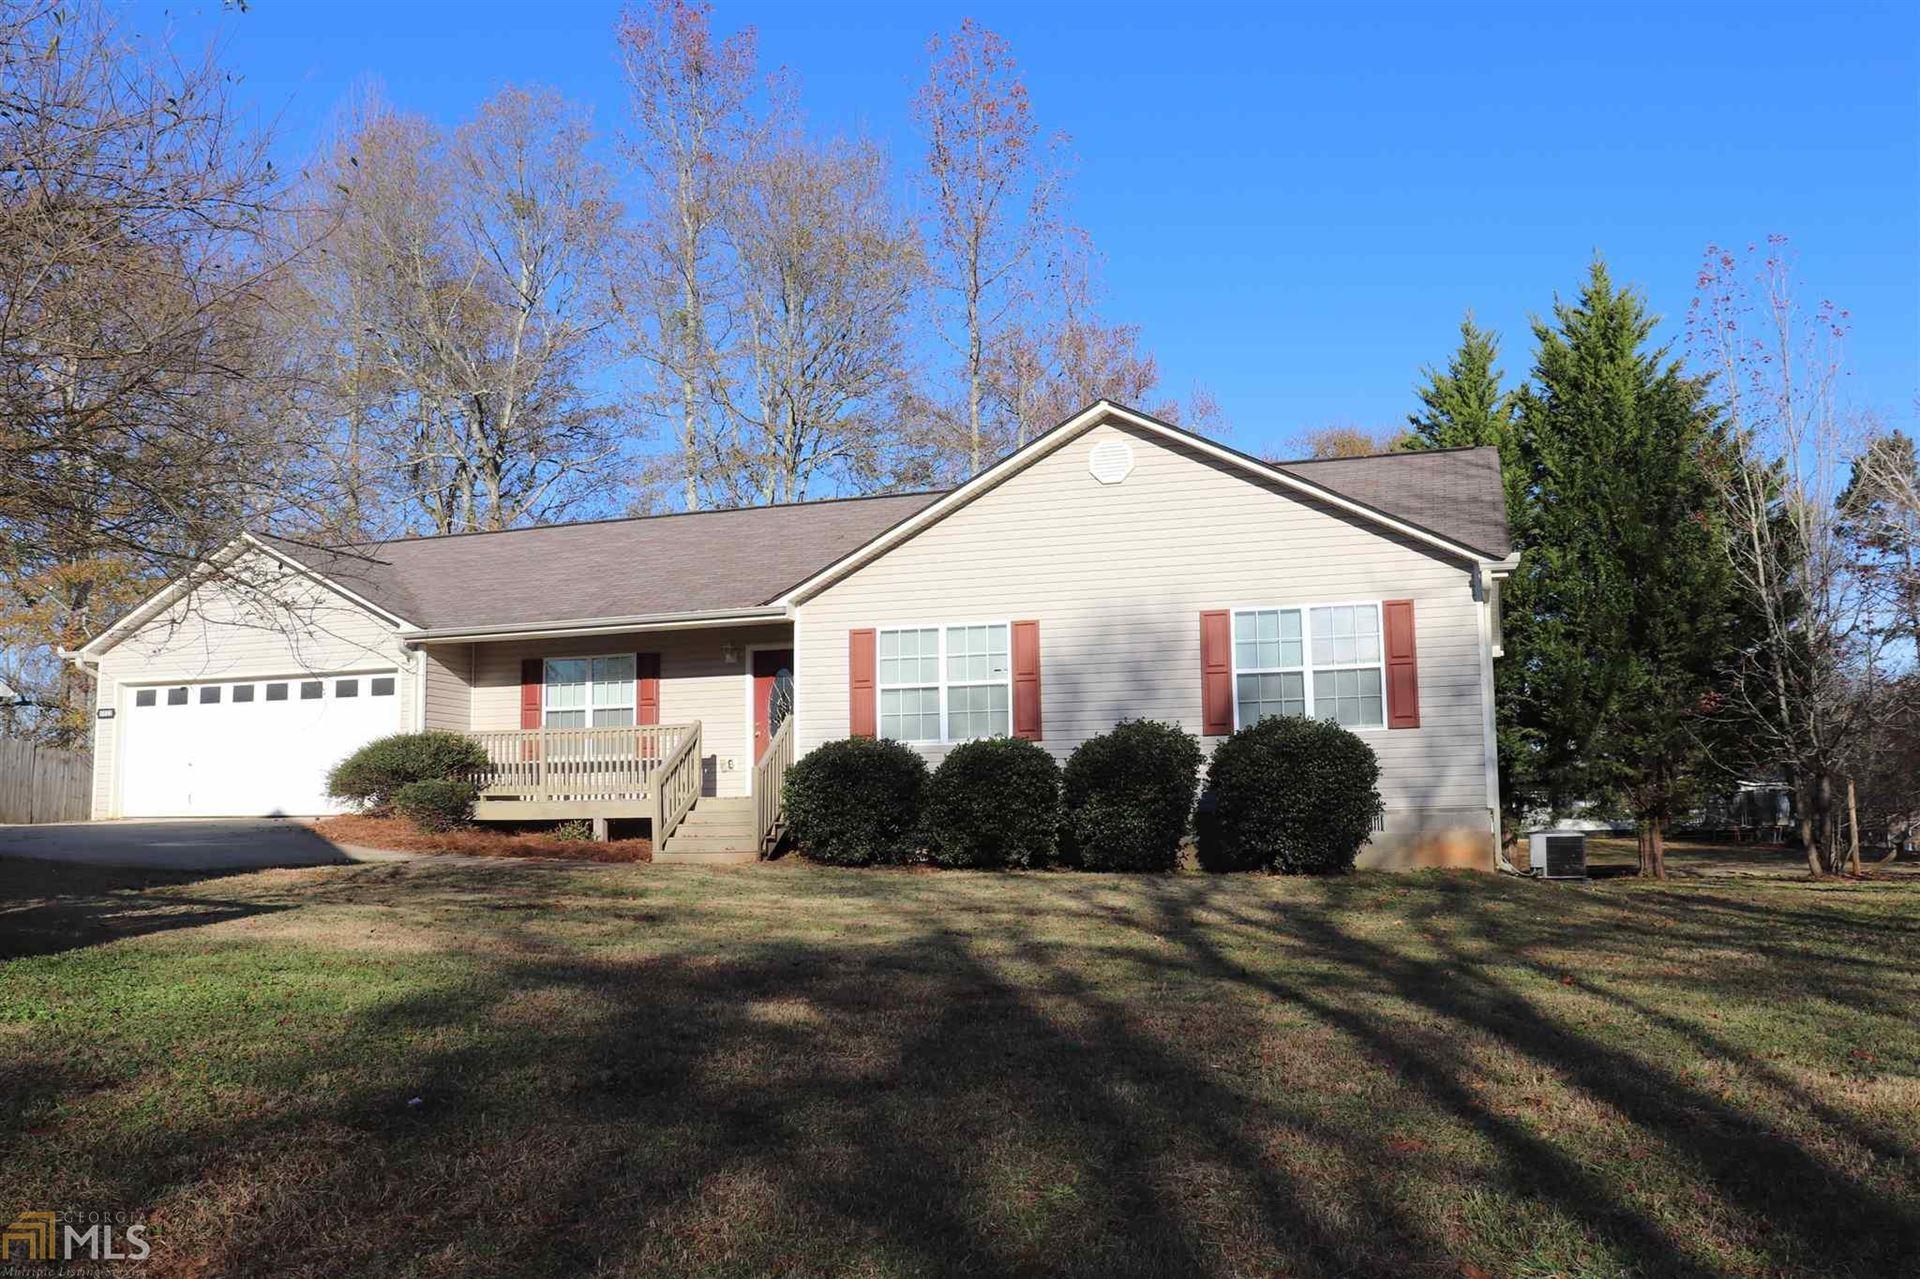 5922 Belton Manor Dr, Lula, GA 30554 - MLS#: 8905251